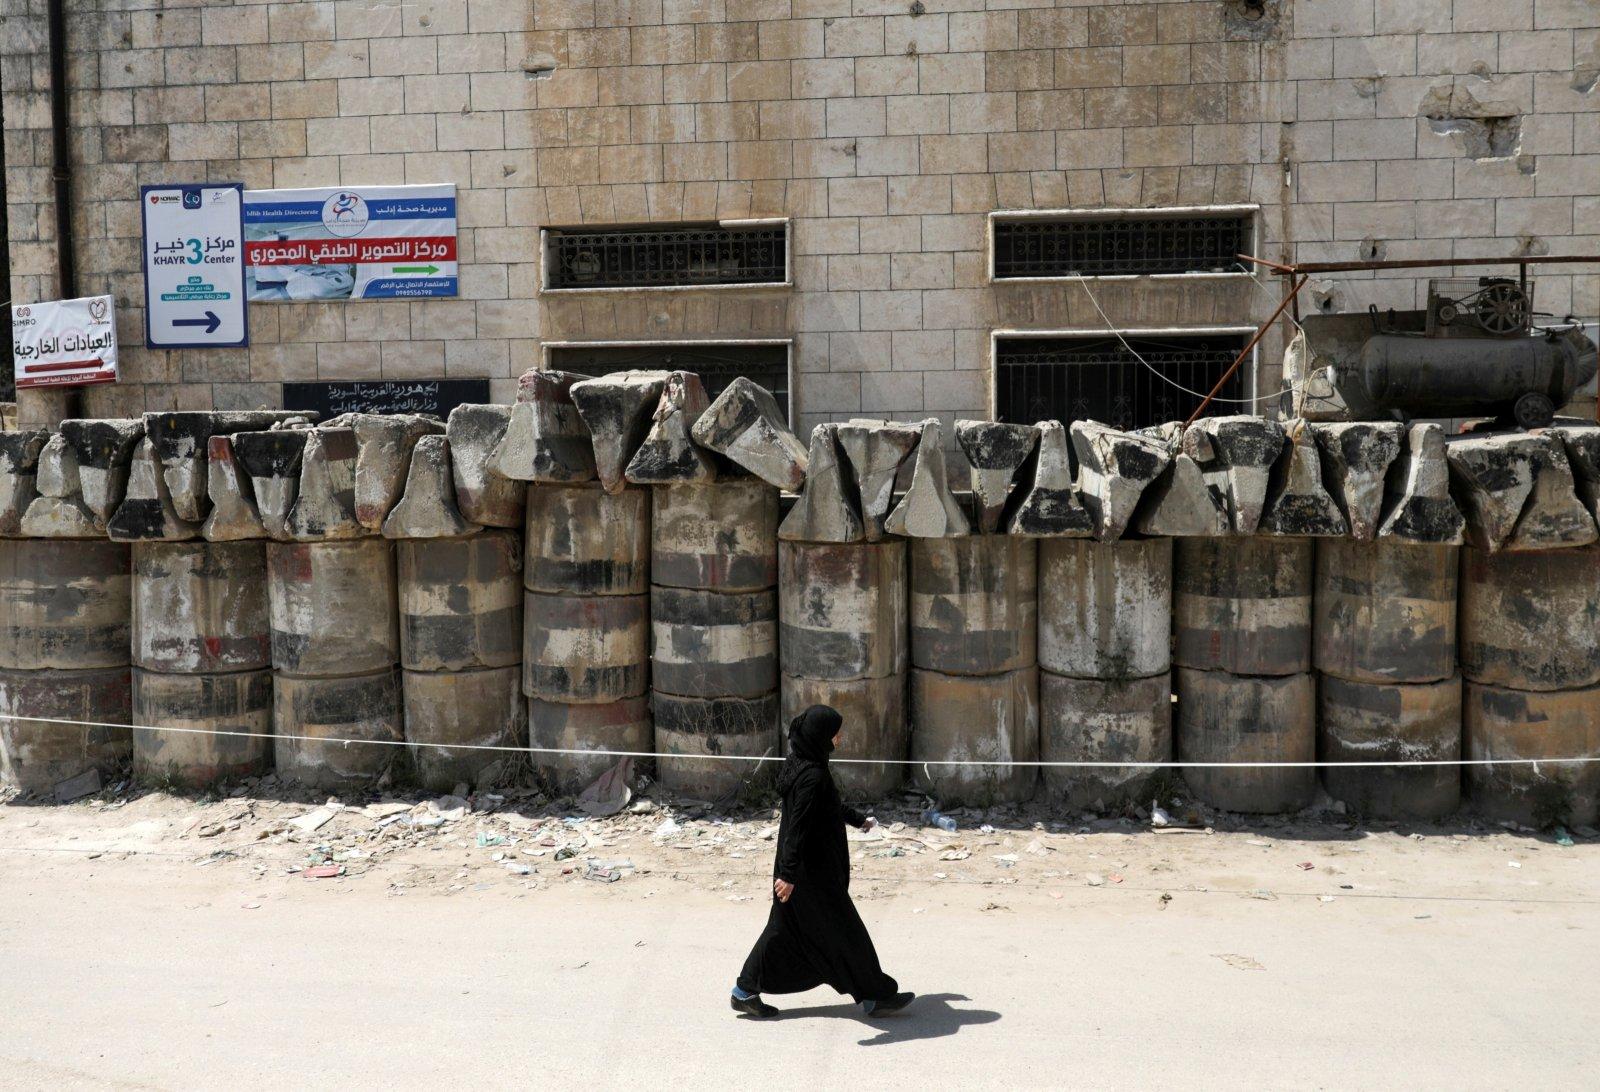 Koroonaviirus võib sõdivas Süürias põhjustada mõõtmatu kaose